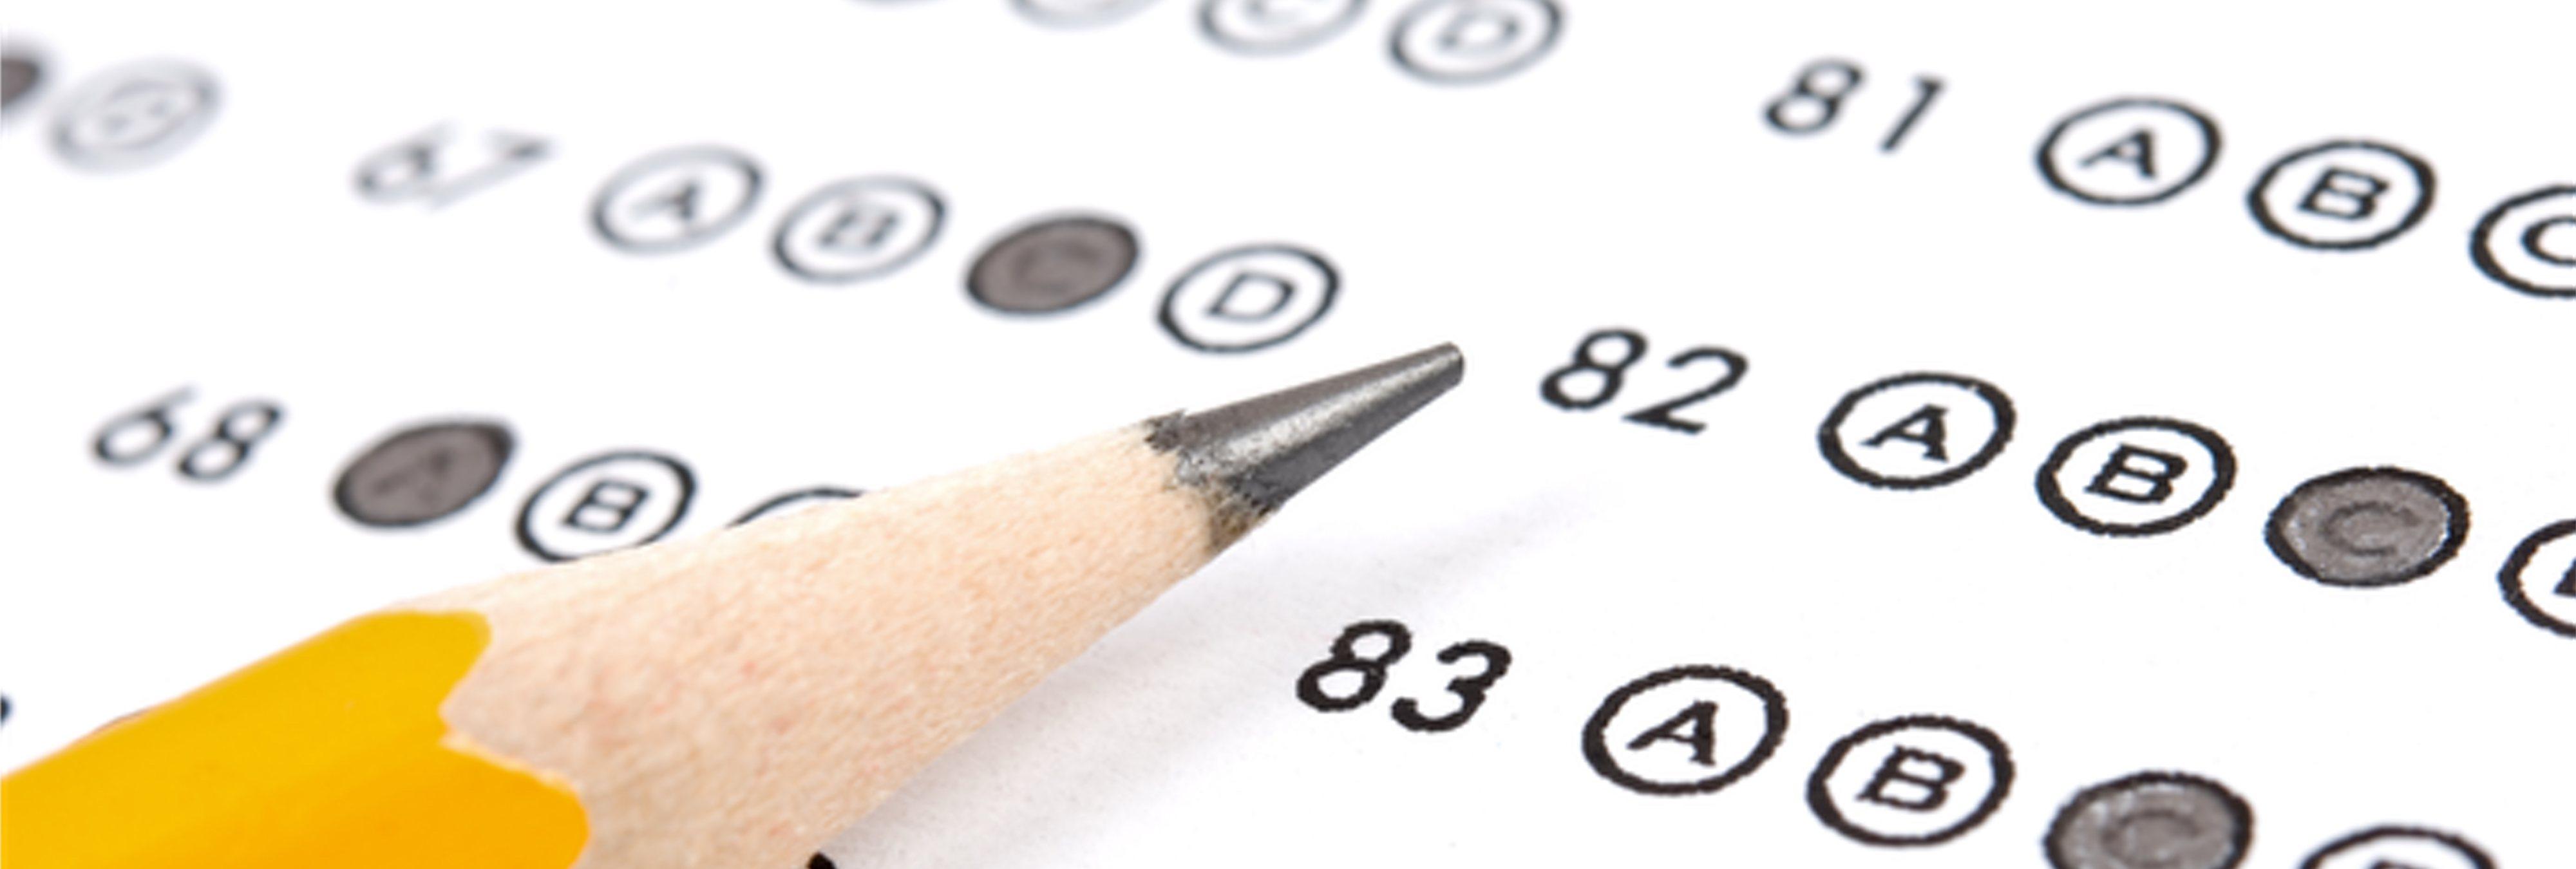 Comprueba tu inteligencia con este test de tres preguntas elaborado en Yale